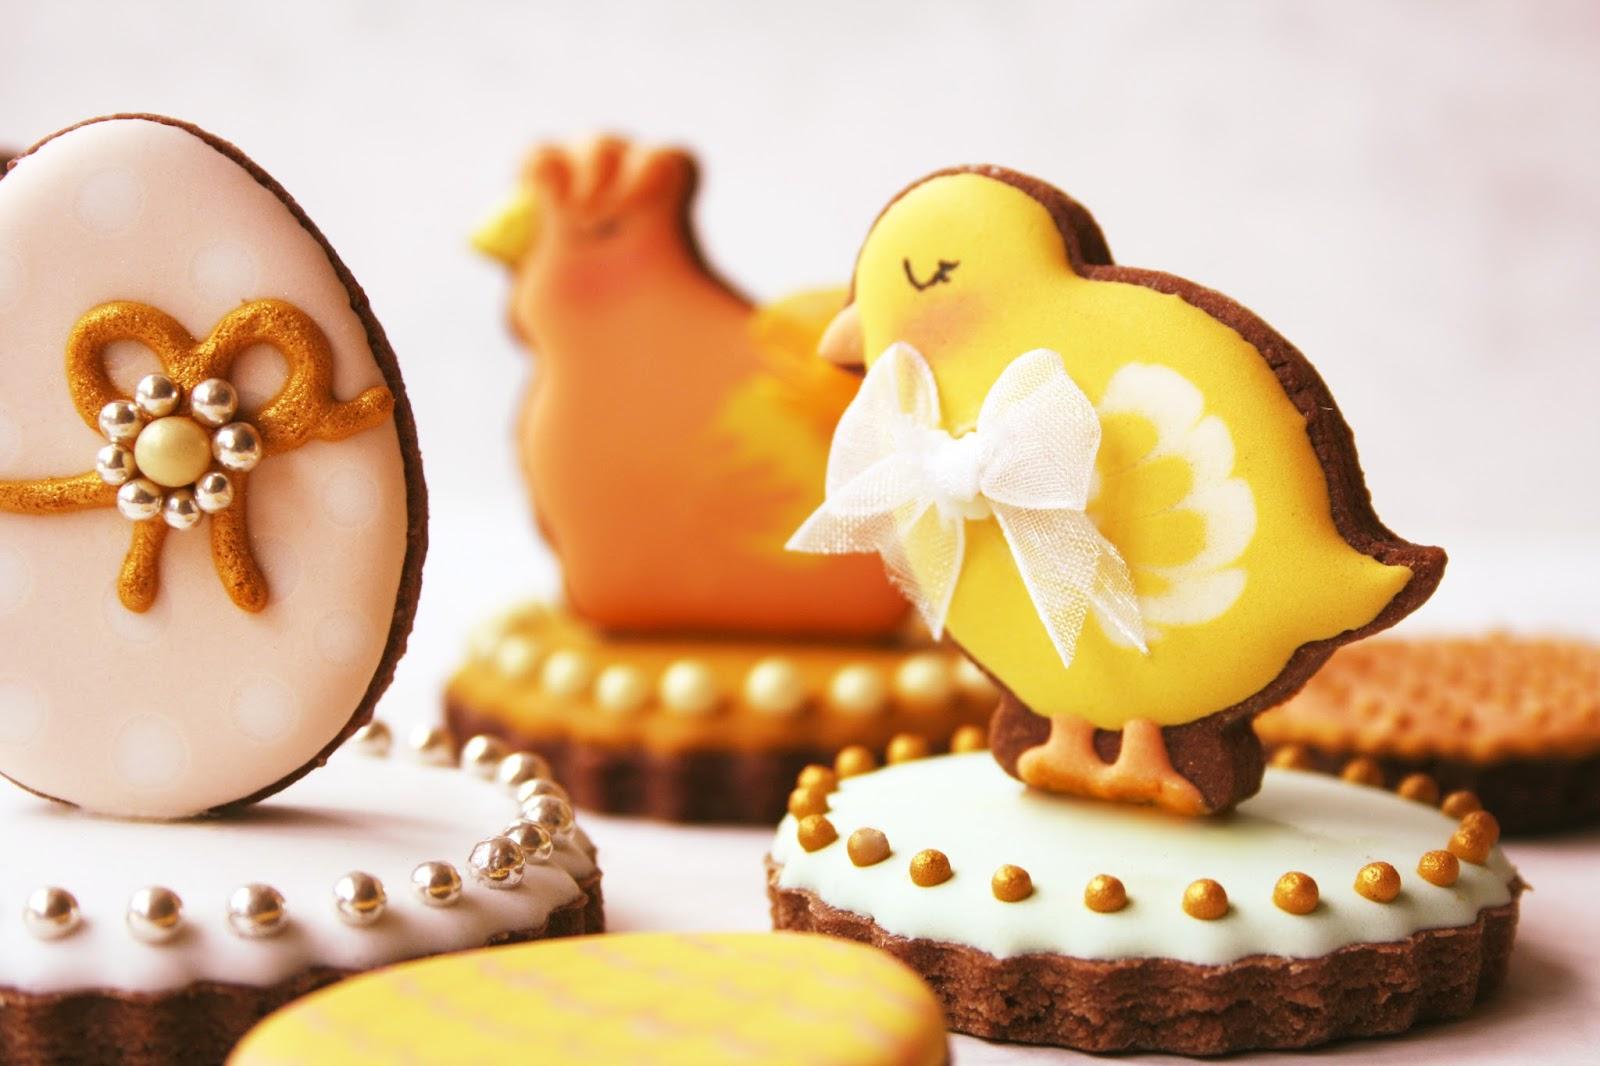 galletas 3D tridimensionales de Pascua